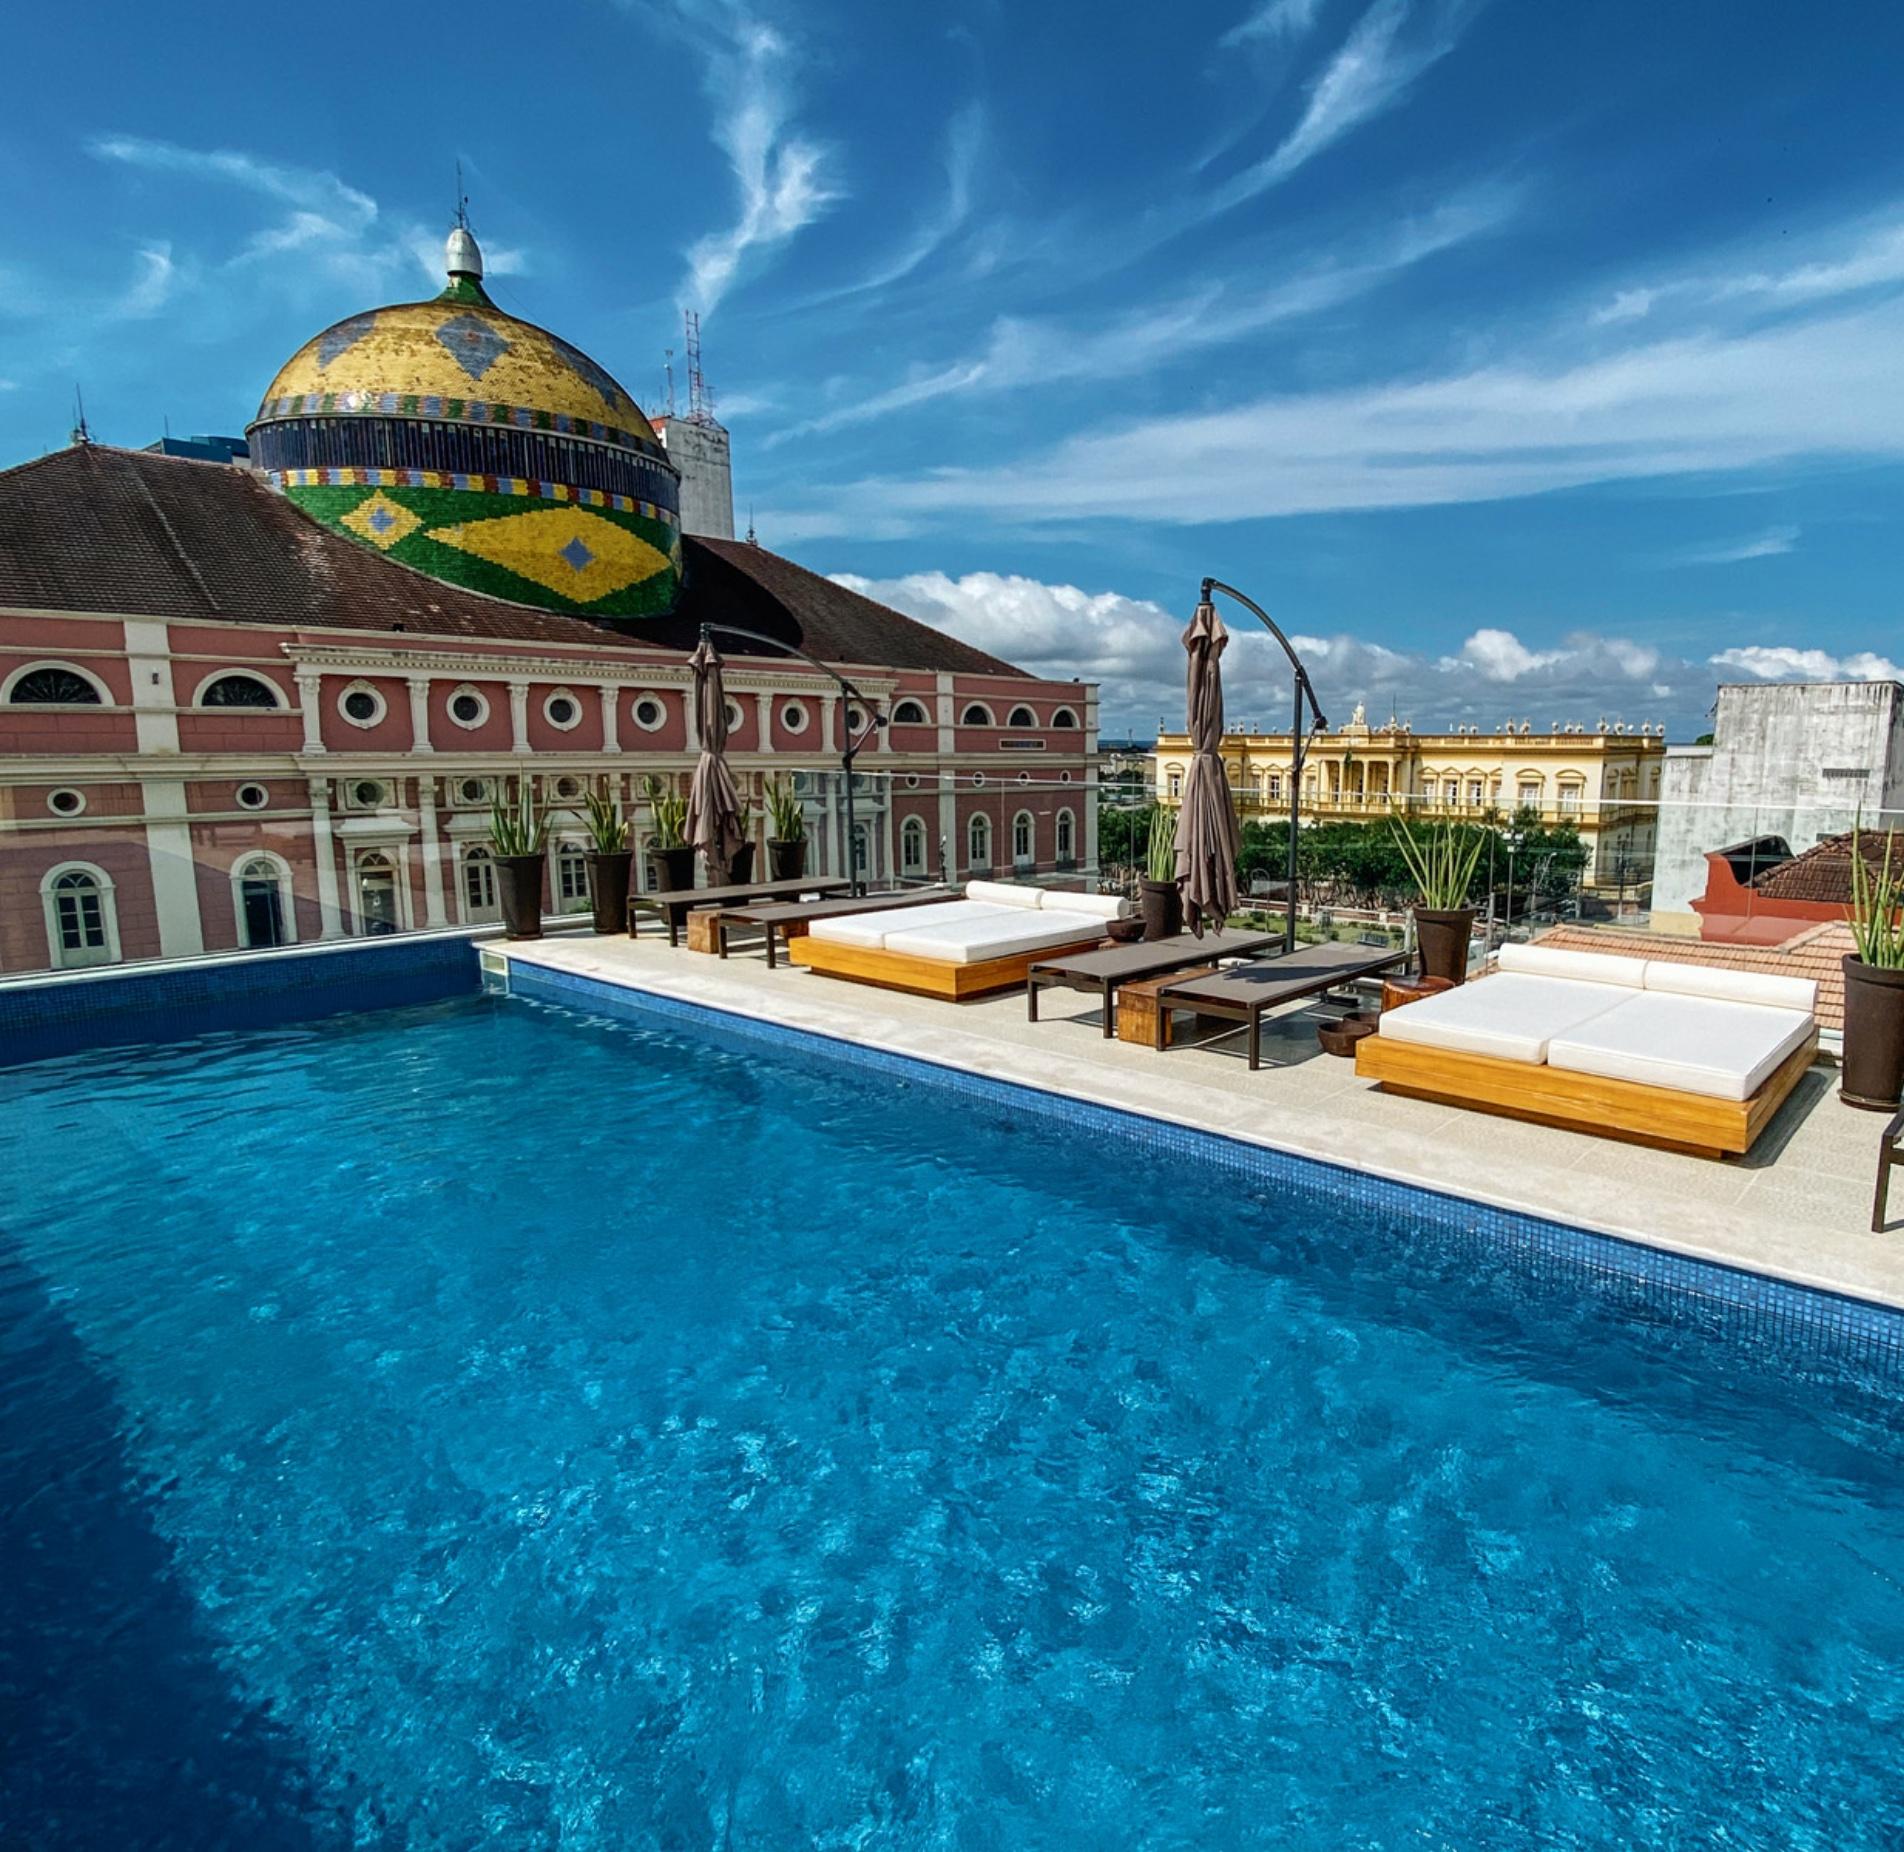 Juma Opera - melhores hotéis de manaus